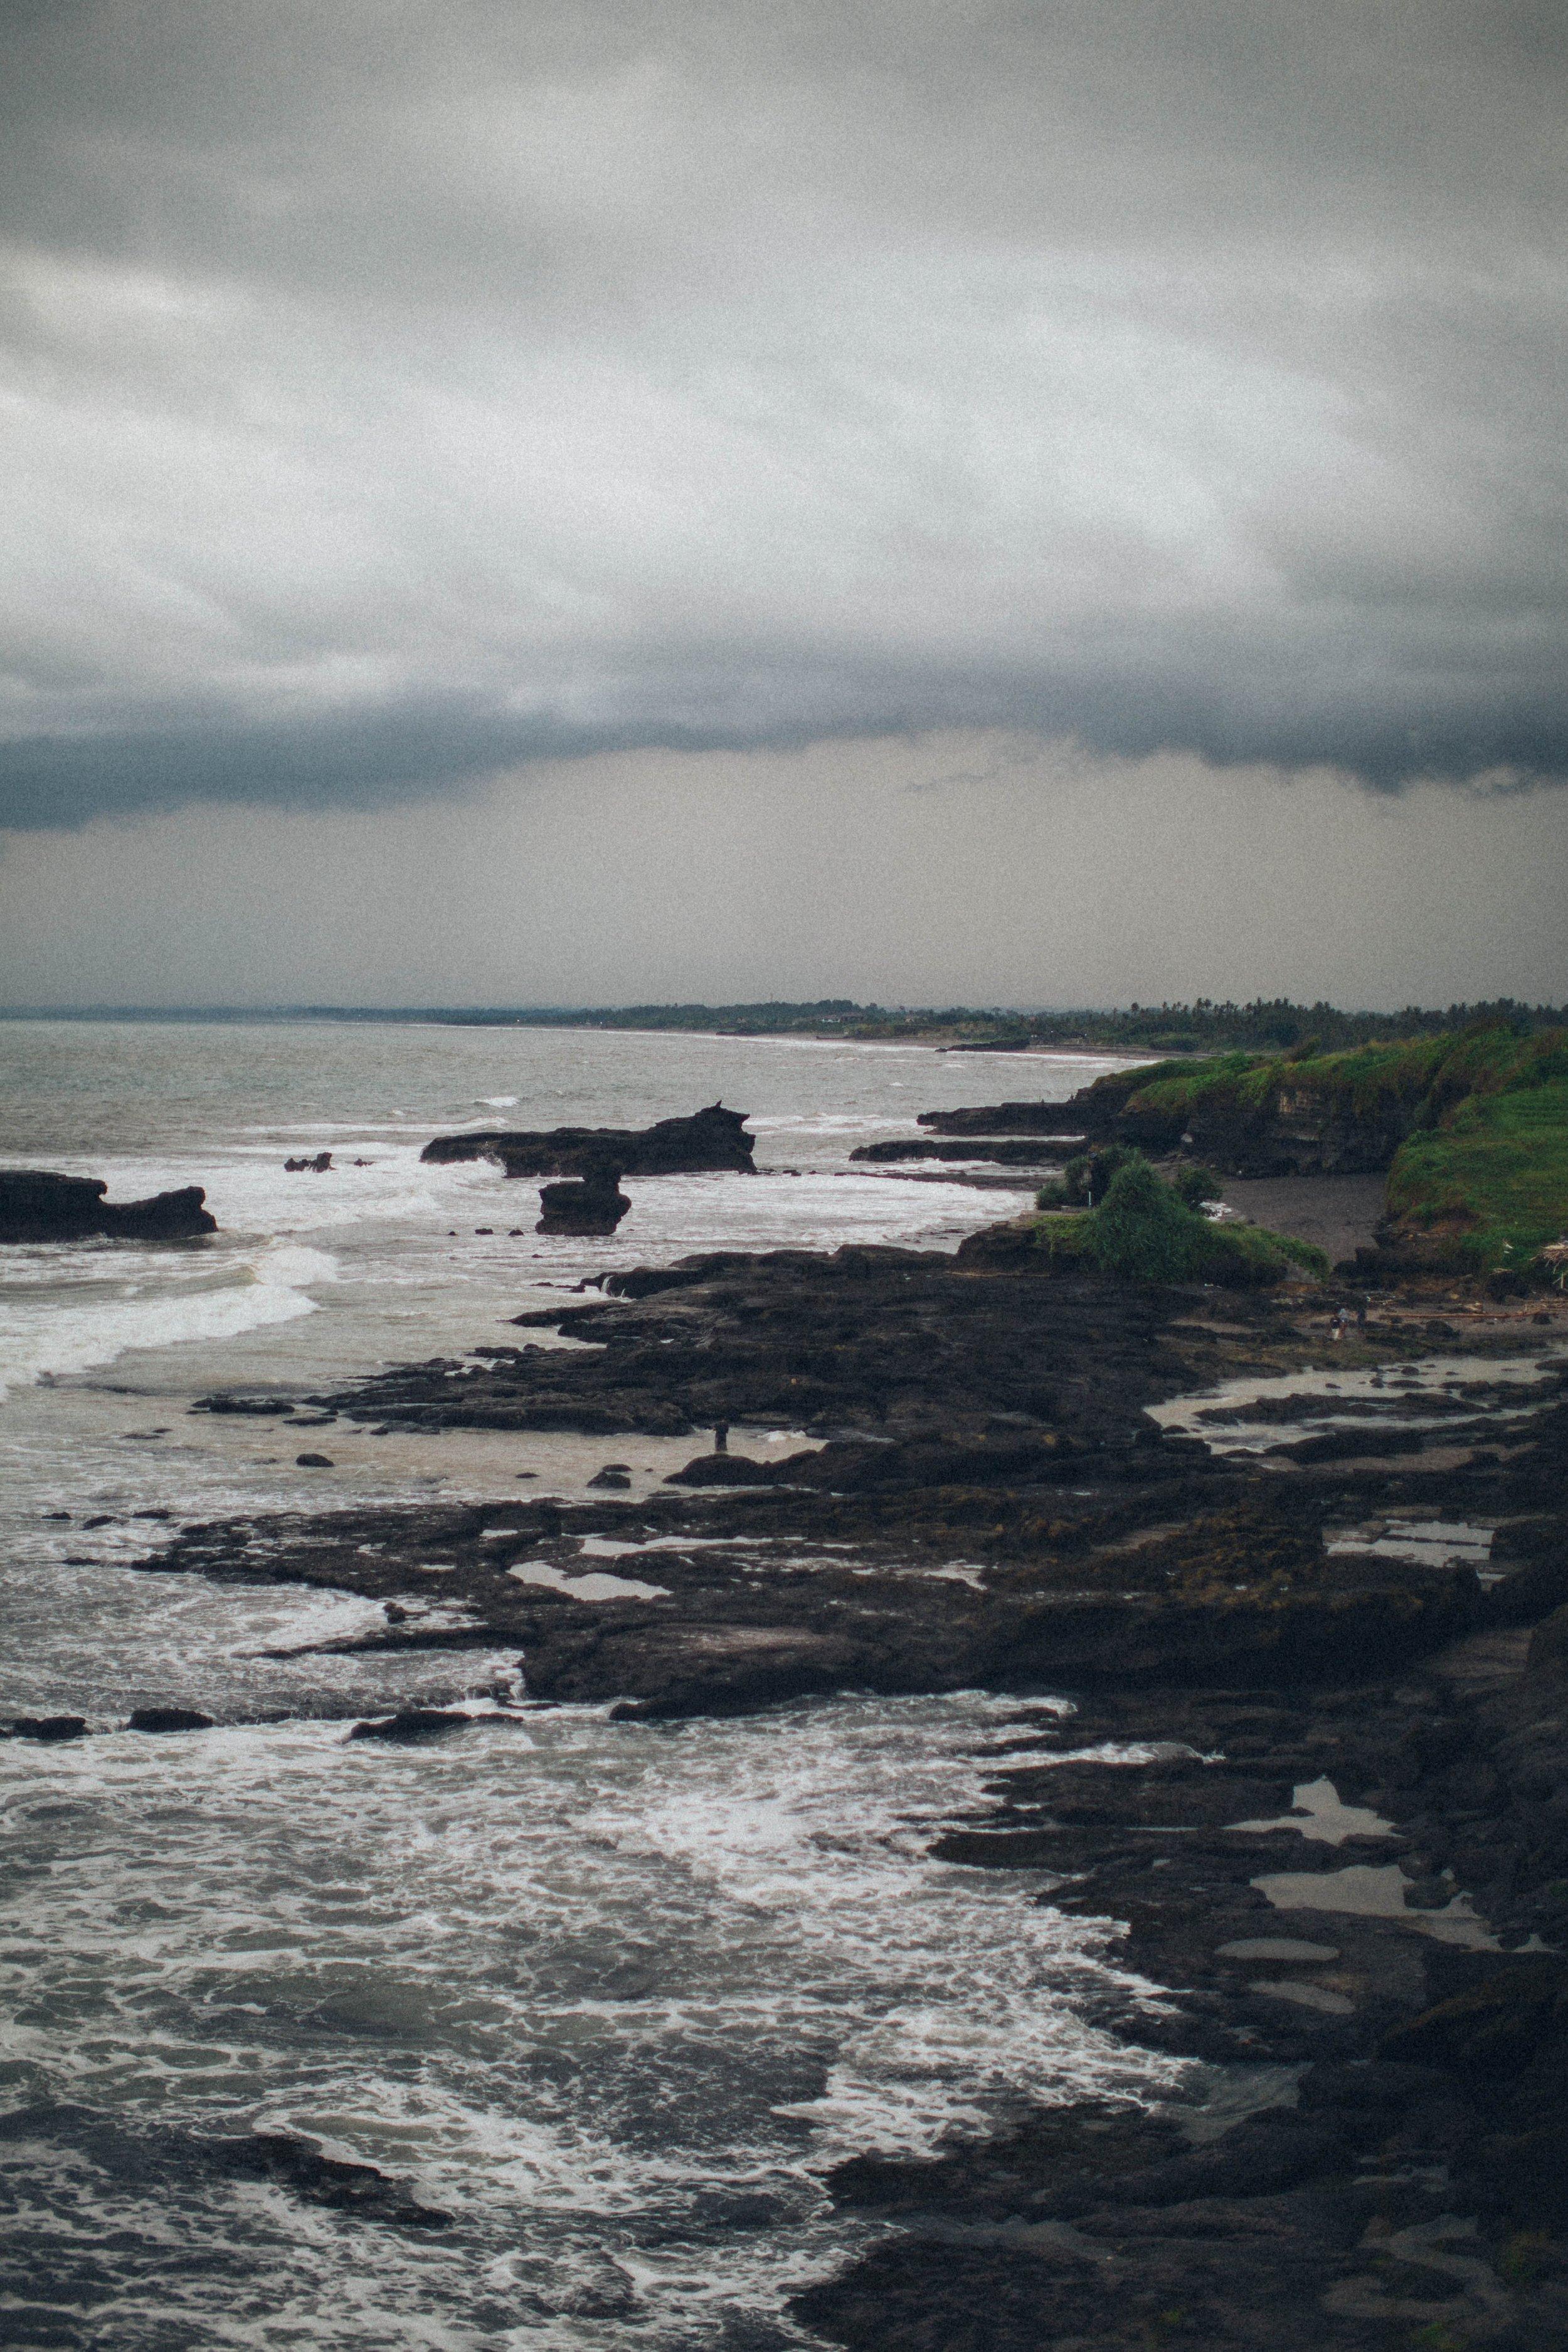 beach-clouds-cloudy-1850552.jpg